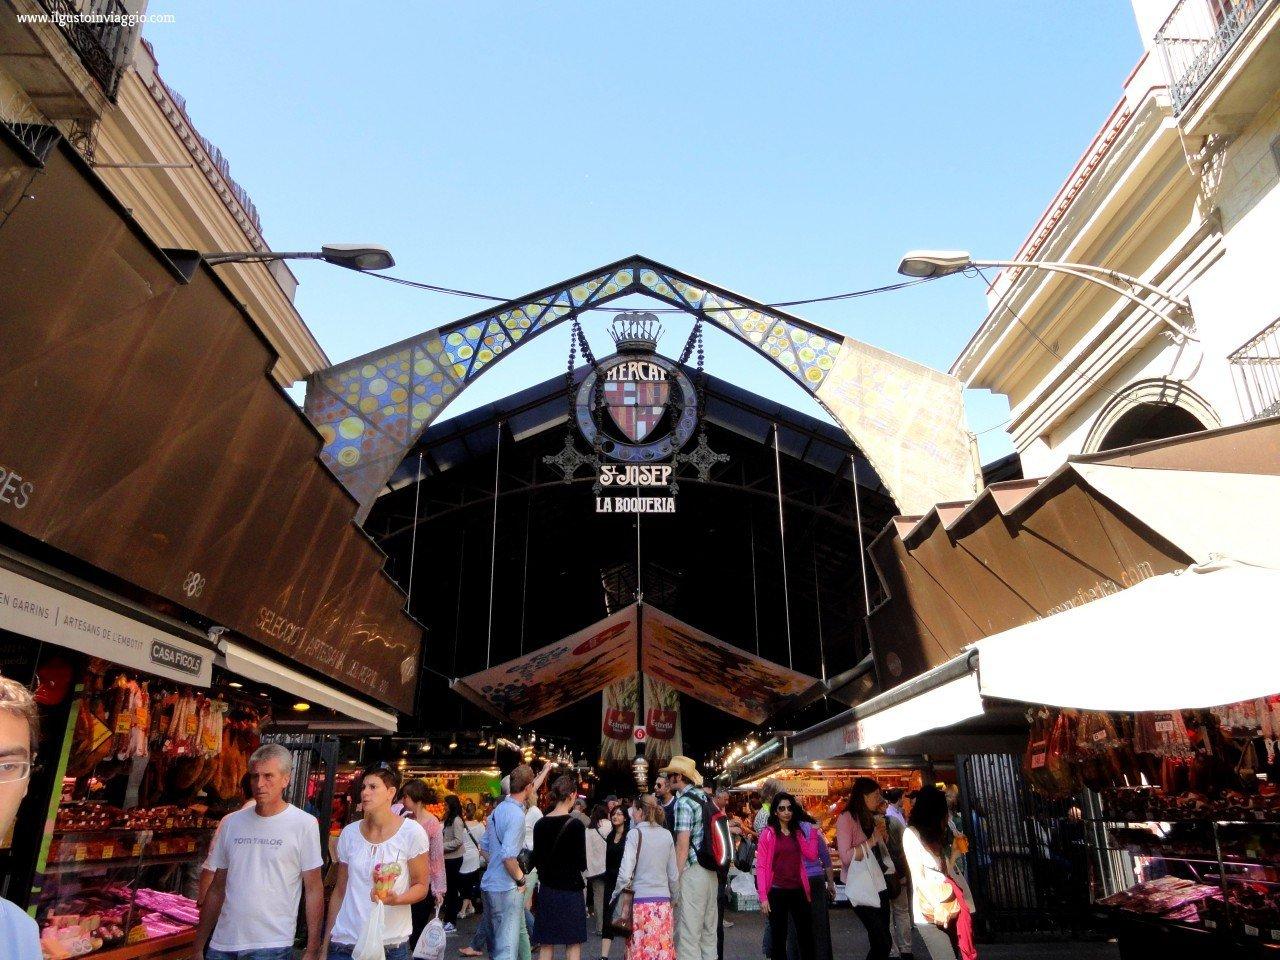 la boqueria il mercato di barcellona